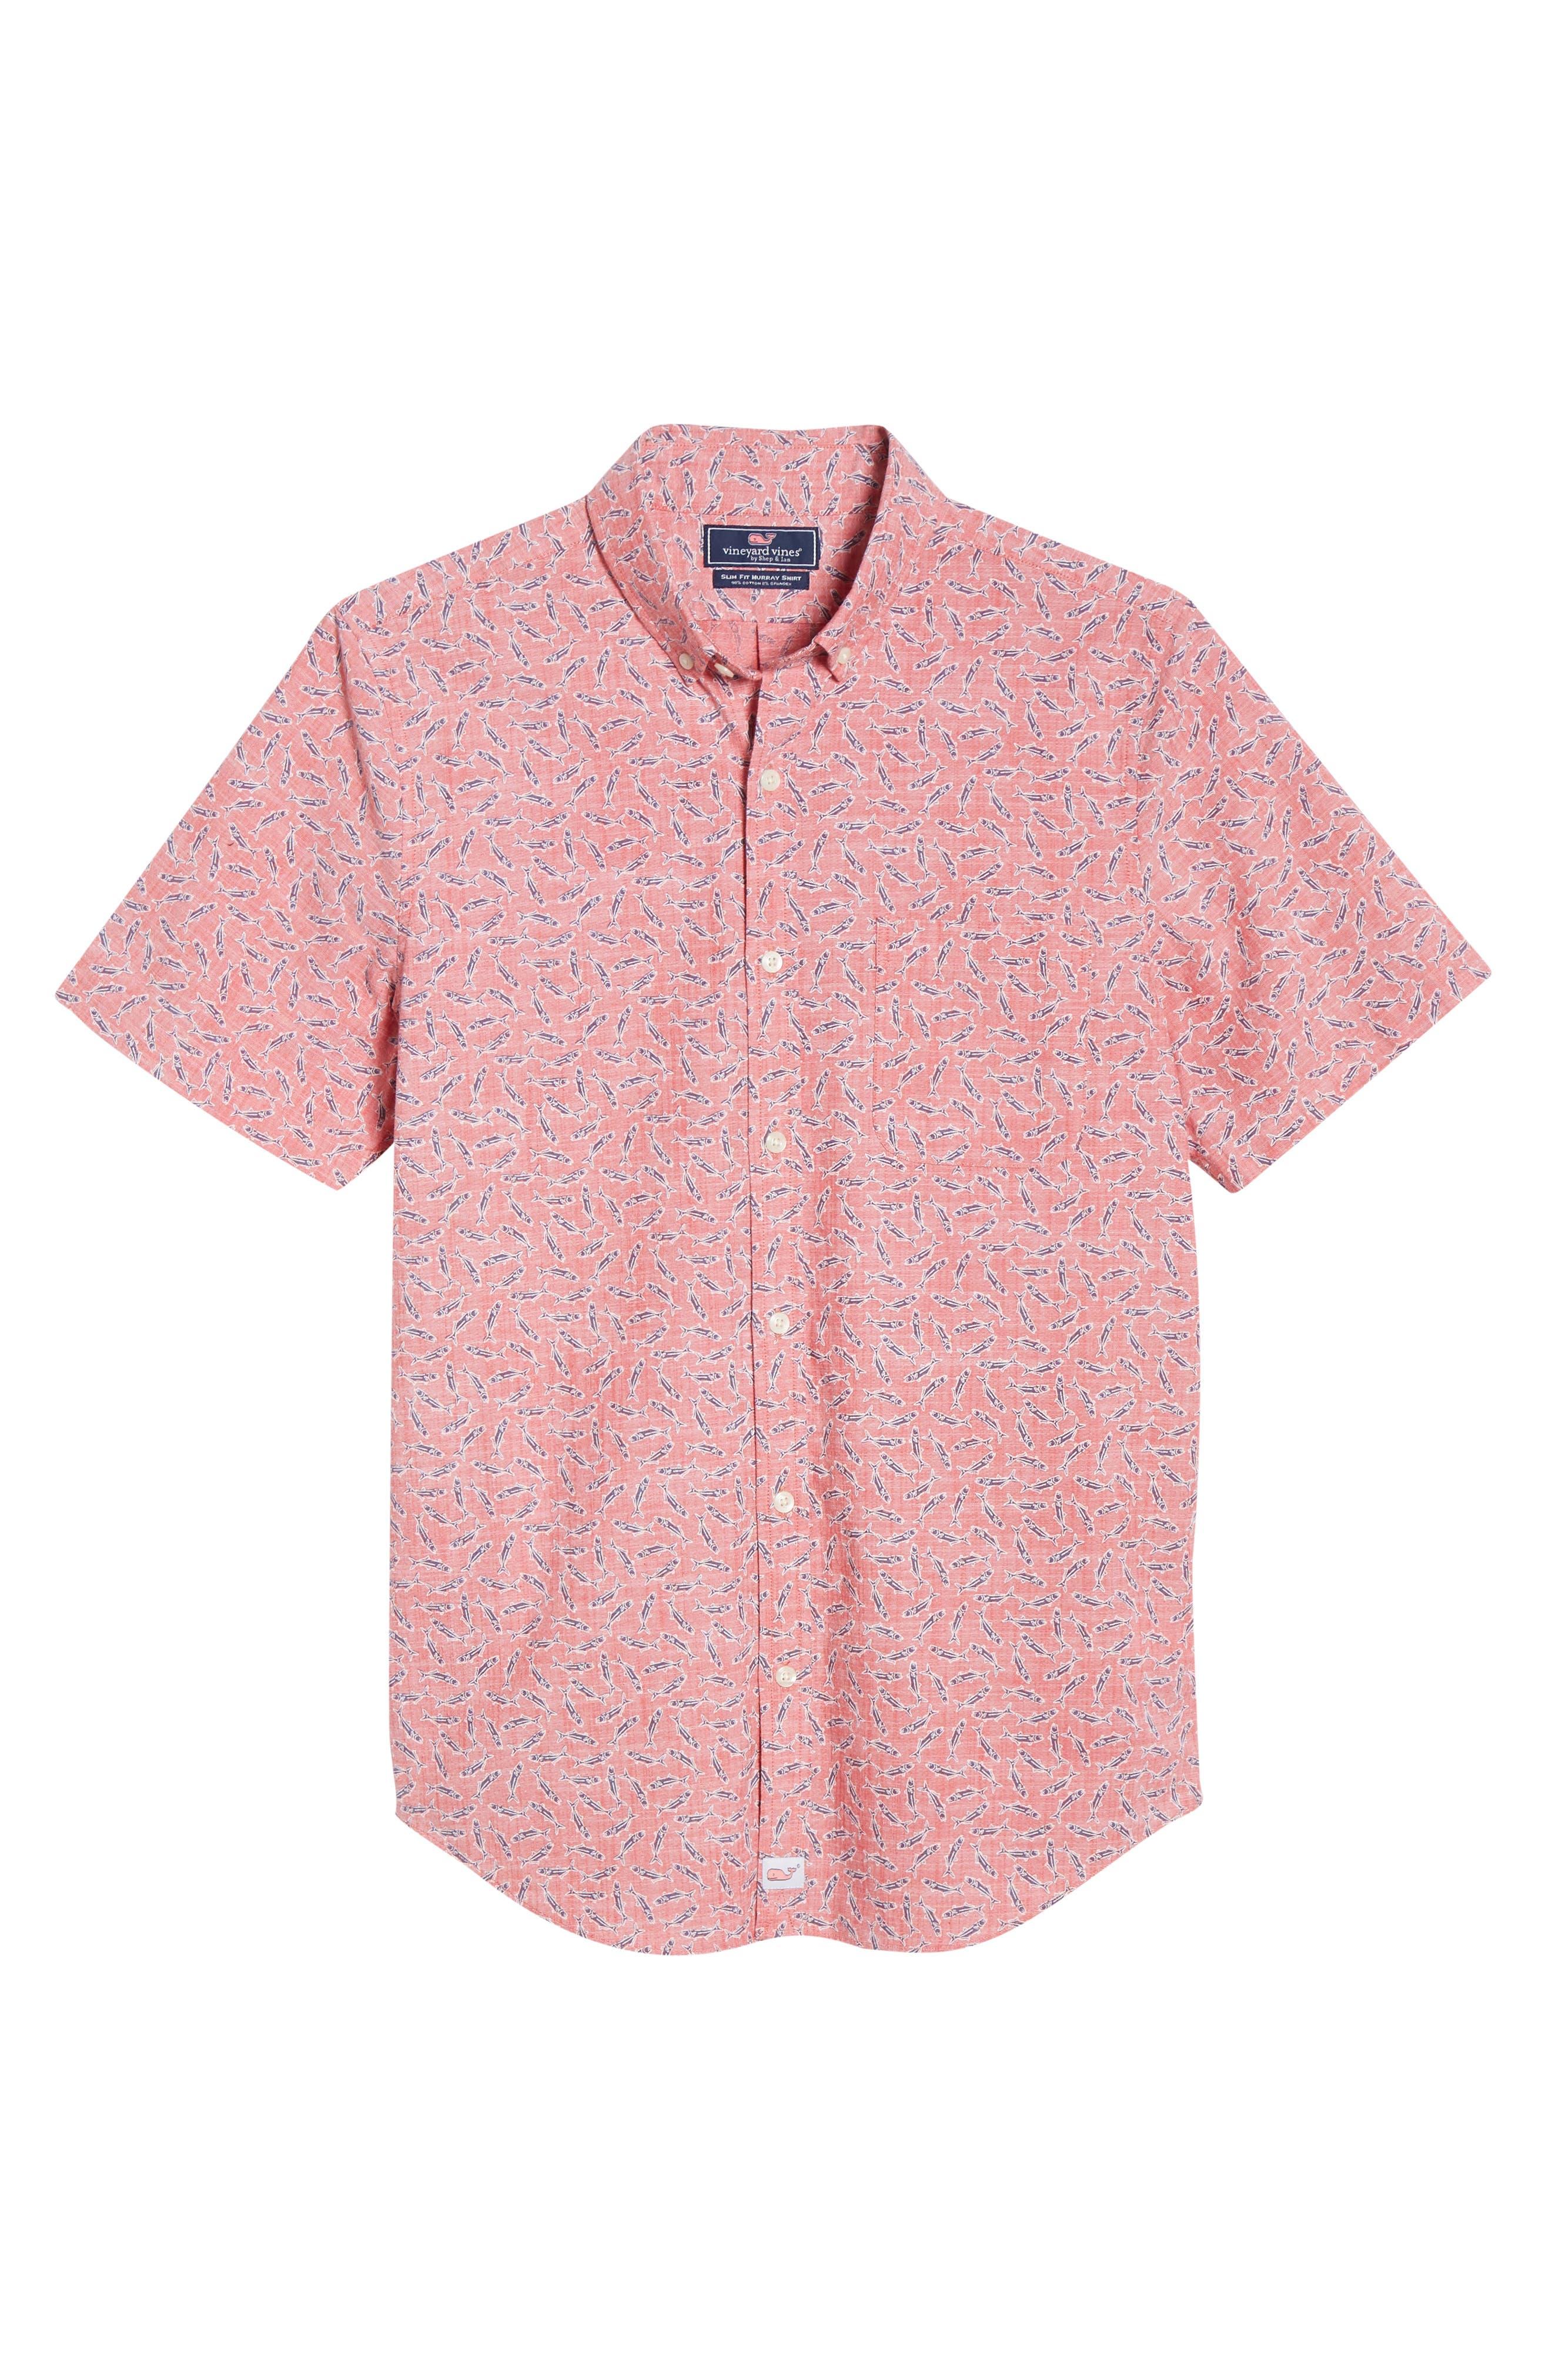 VINEYARD VINES,                             Murray Slim Fit Sport Shirt,                             Alternate thumbnail 5, color,                             LOBSTER REEF